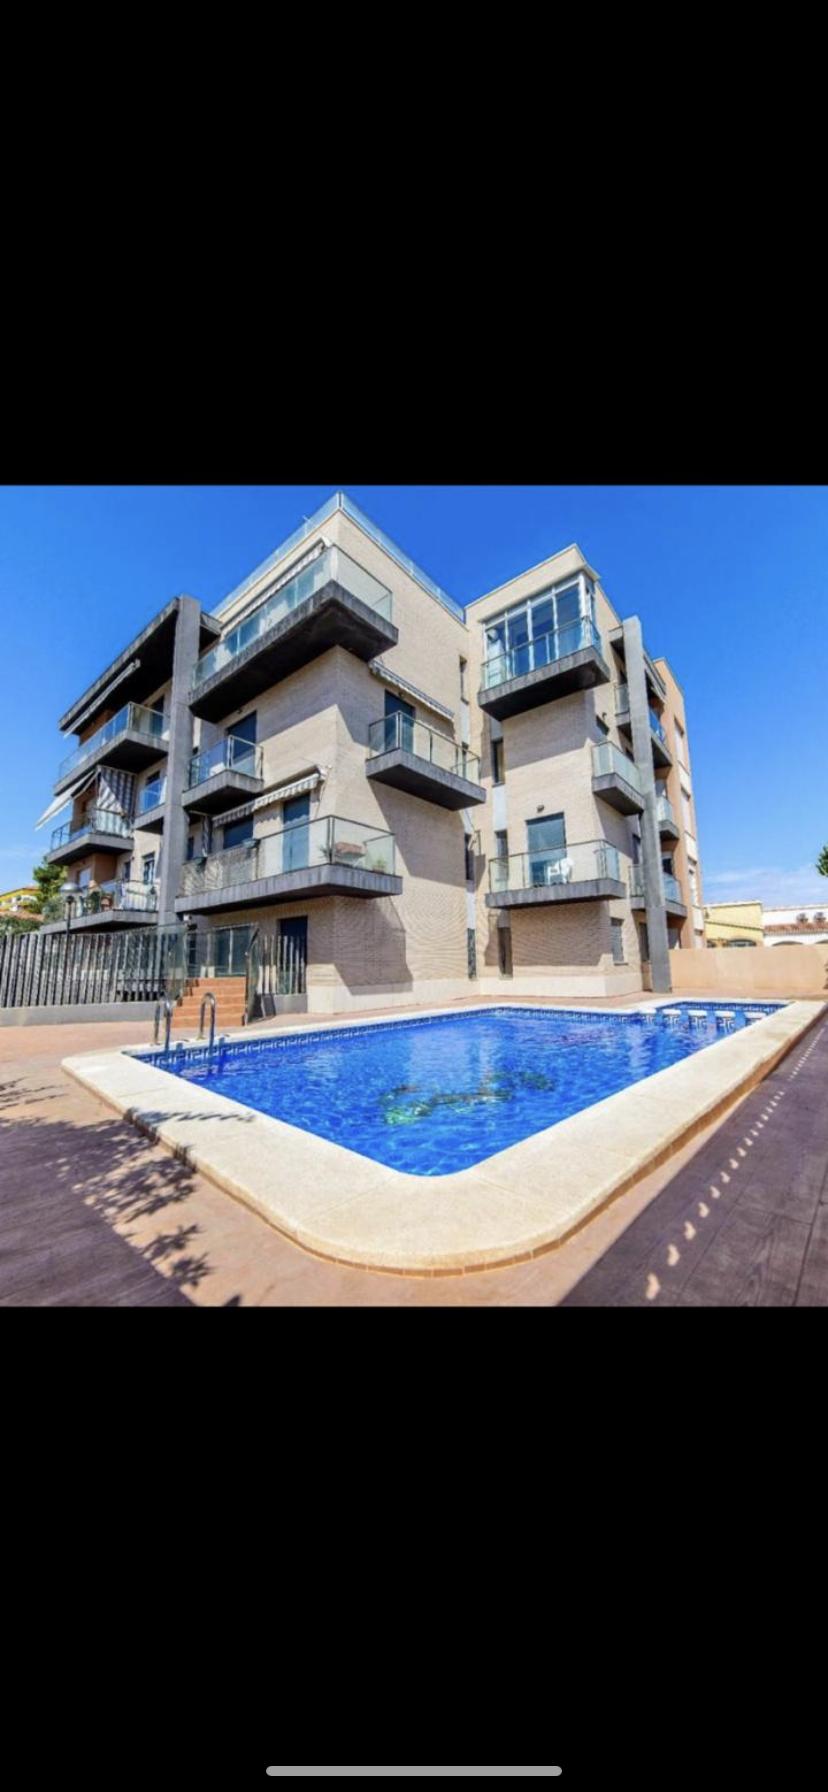 102 Апартаменты, Пунта Прима, Торревьеха ( Испания)